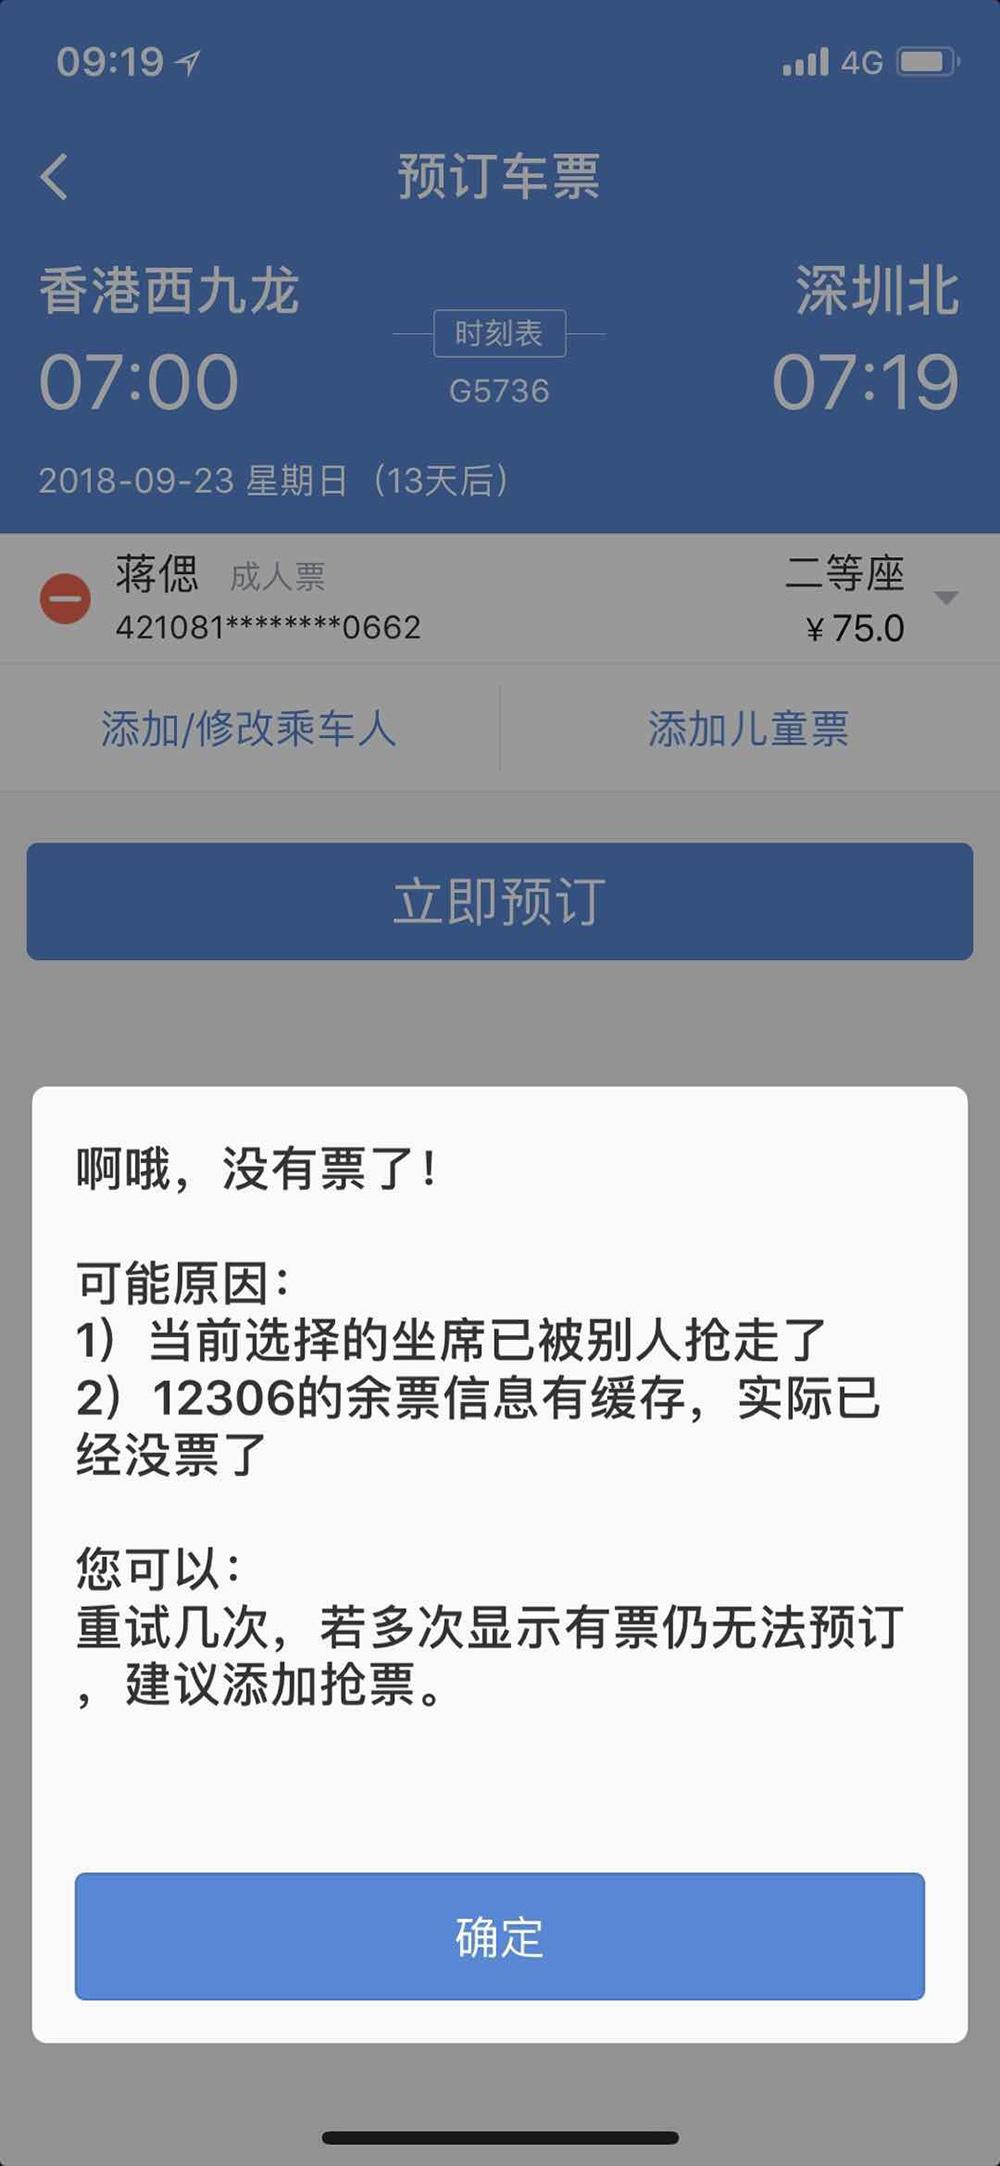 廣深港高鐵車票8時發售 深圳首發車車票一小時內售罄-華發網繁體版